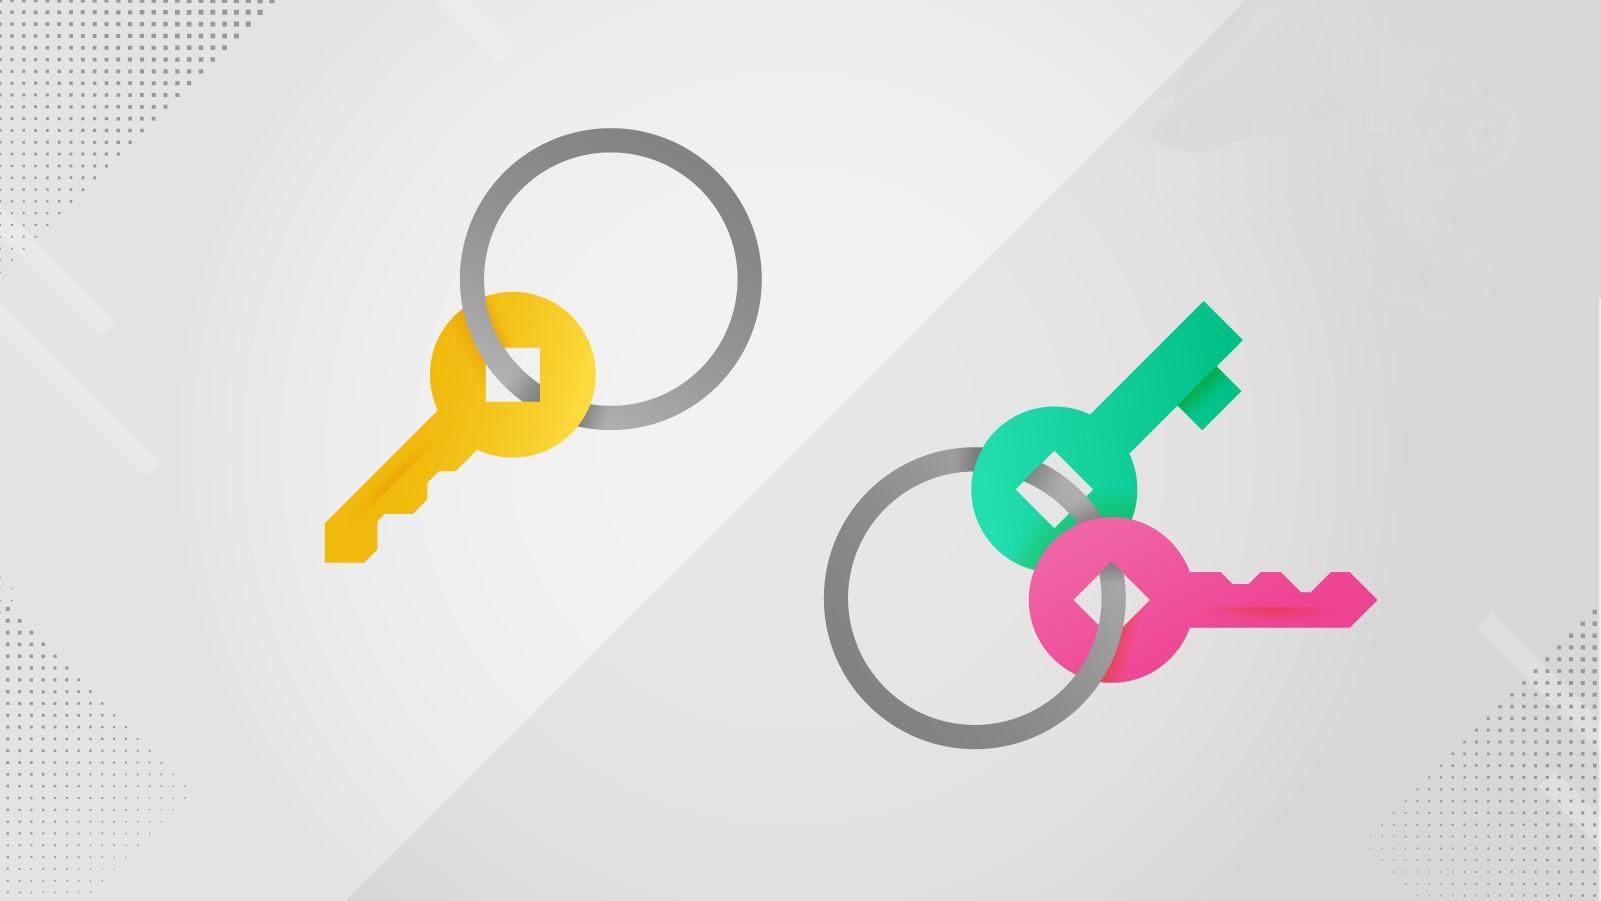 کلید های رمزنگاری متقارن و نامتقارن و کاربرد آنها در رمز ارز ها